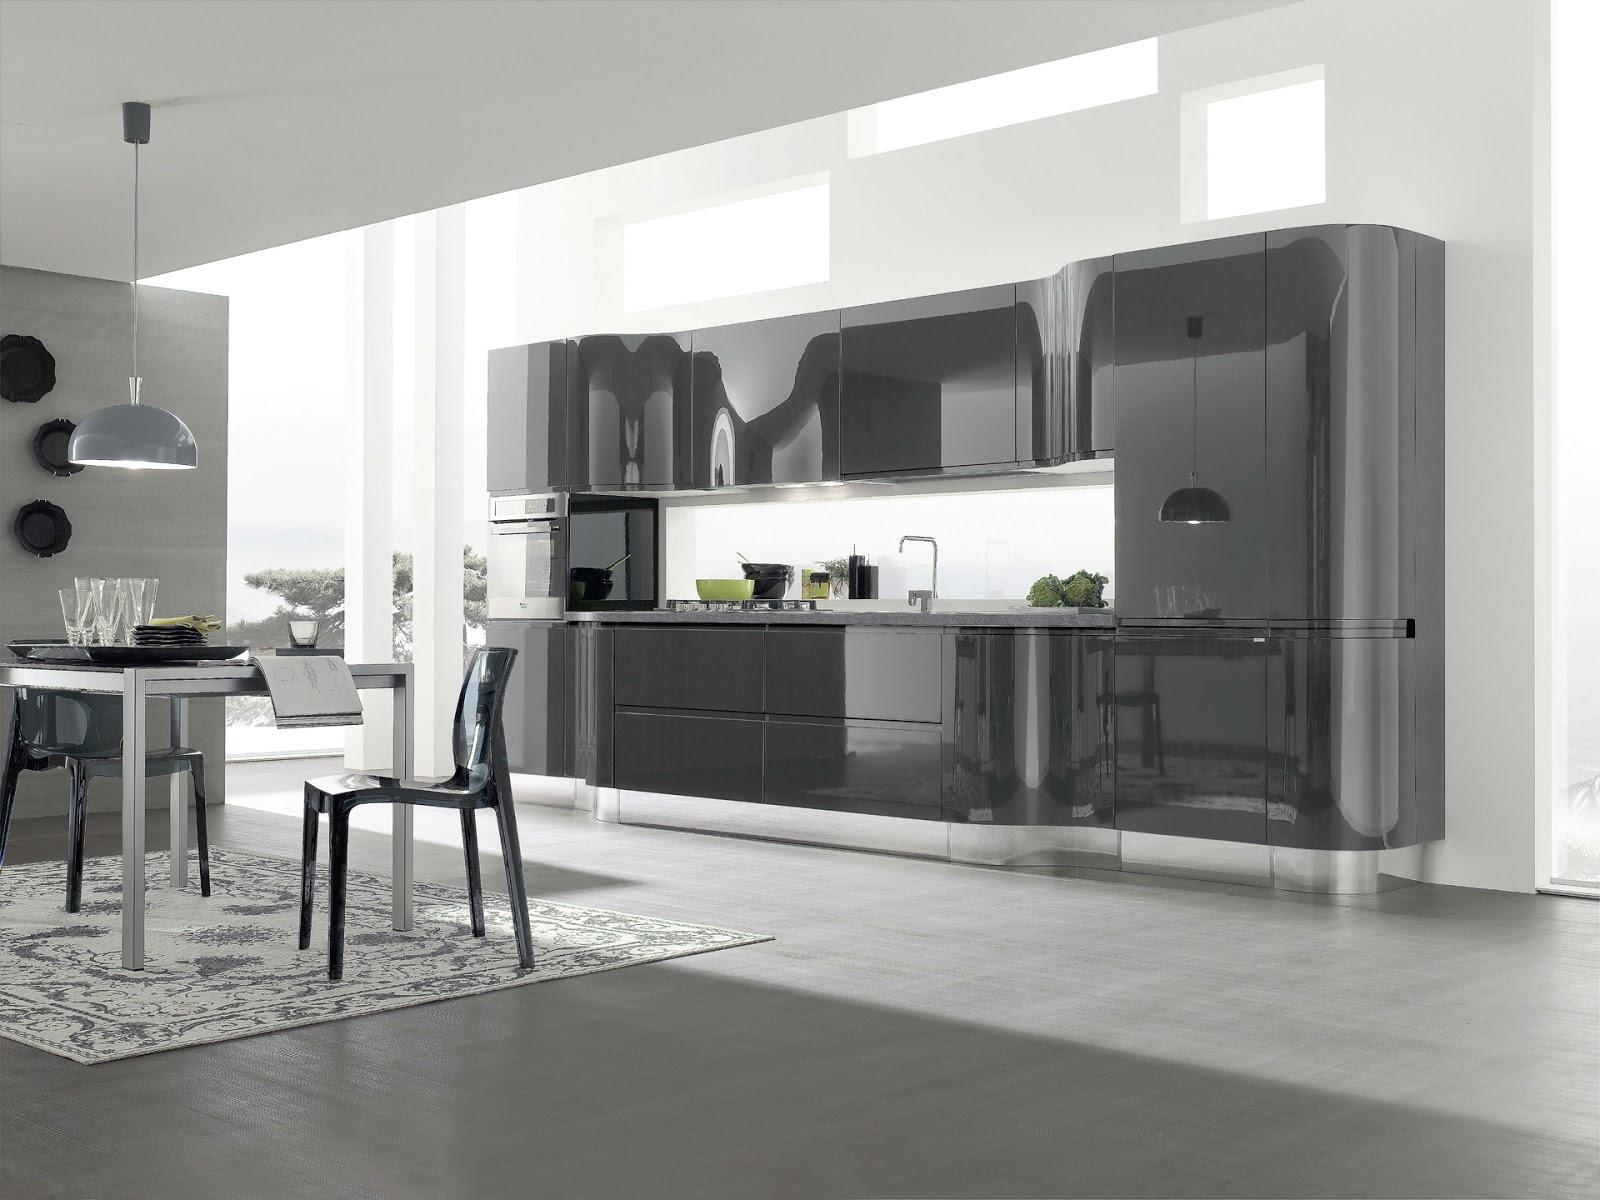 El acabado de la cocina brillo o mate cocinas con estilo for Cocinas modernas blancas y grises